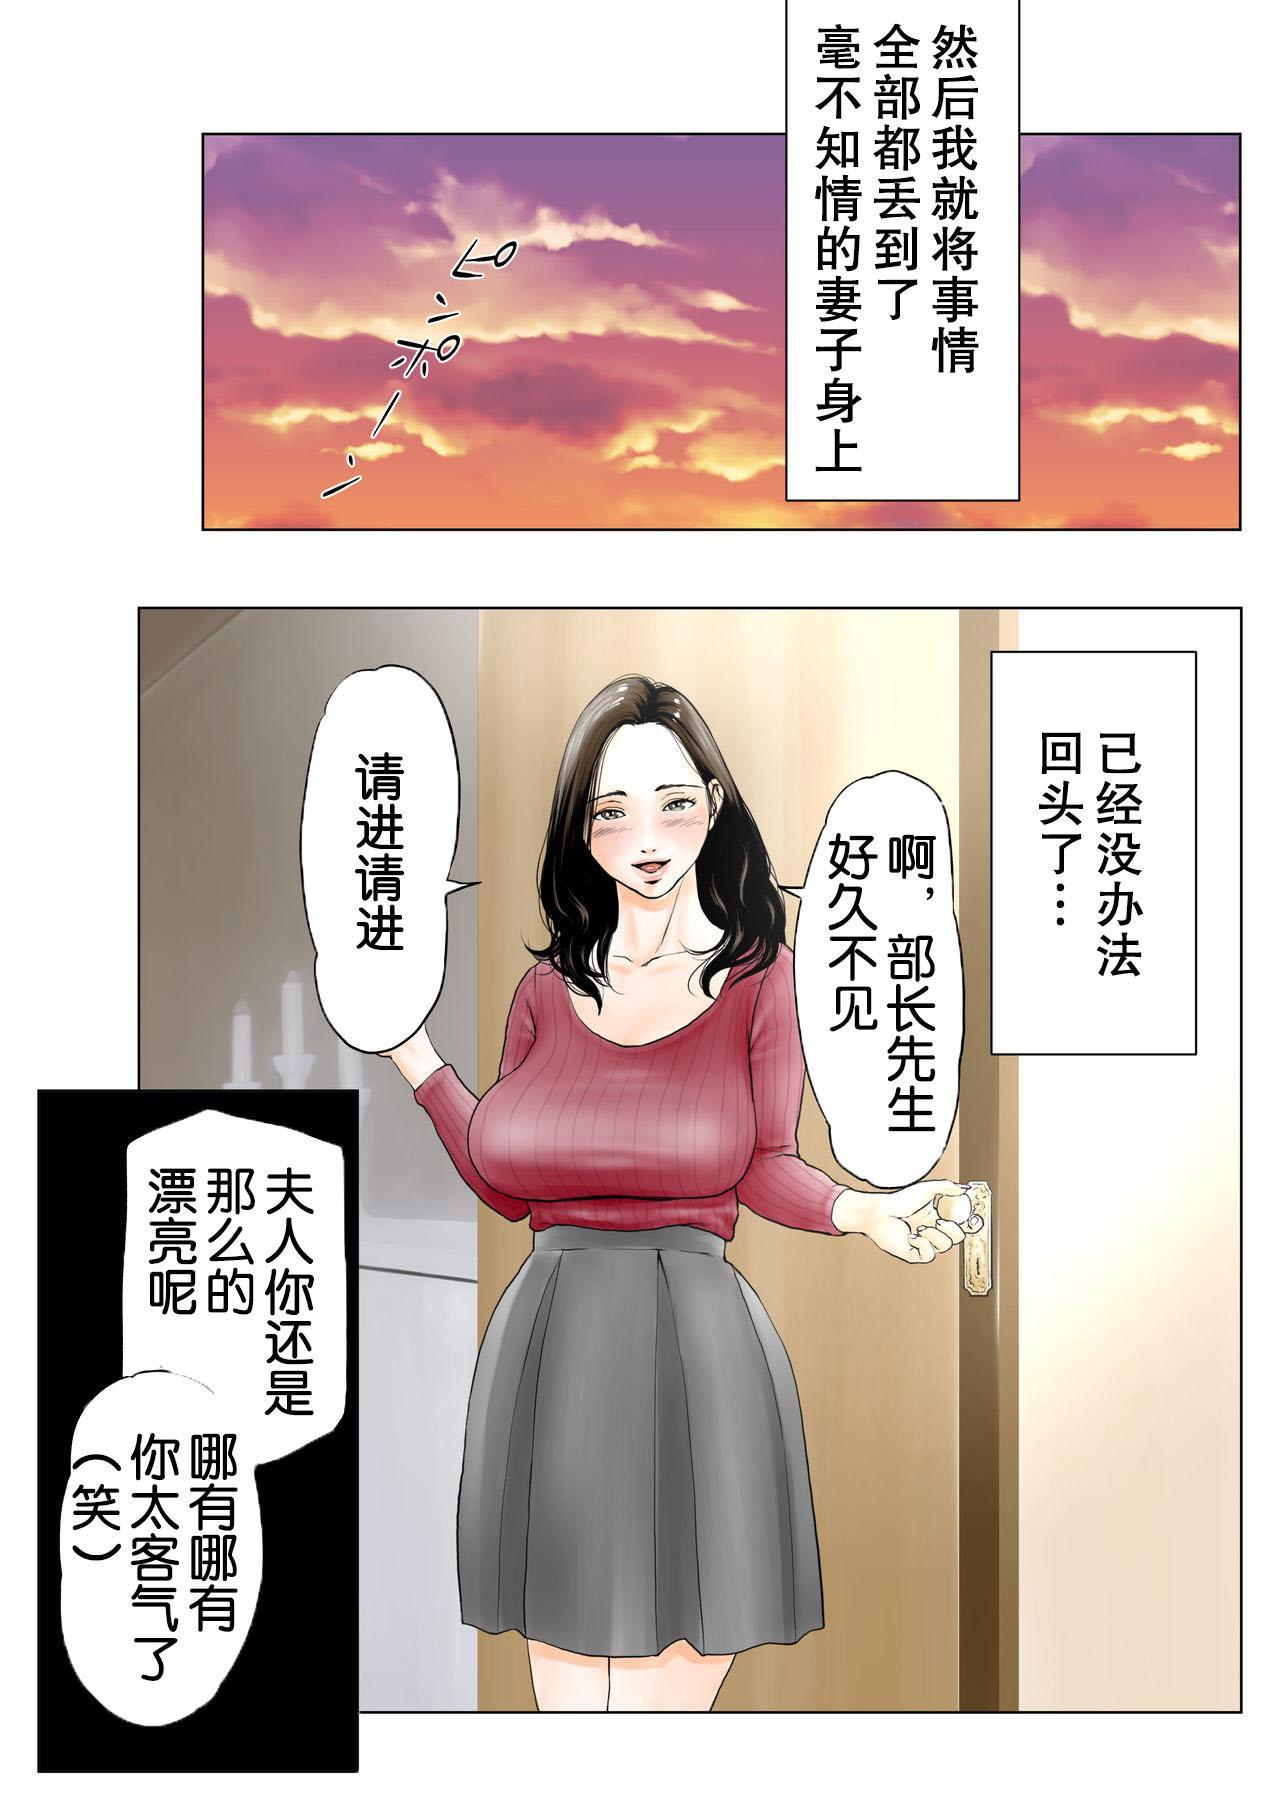 [W no Honnou] Shin, Boku no Tsuma to Kyokon no Moto AV Danyuu Buchou[Chinese]【不可视汉化】 13